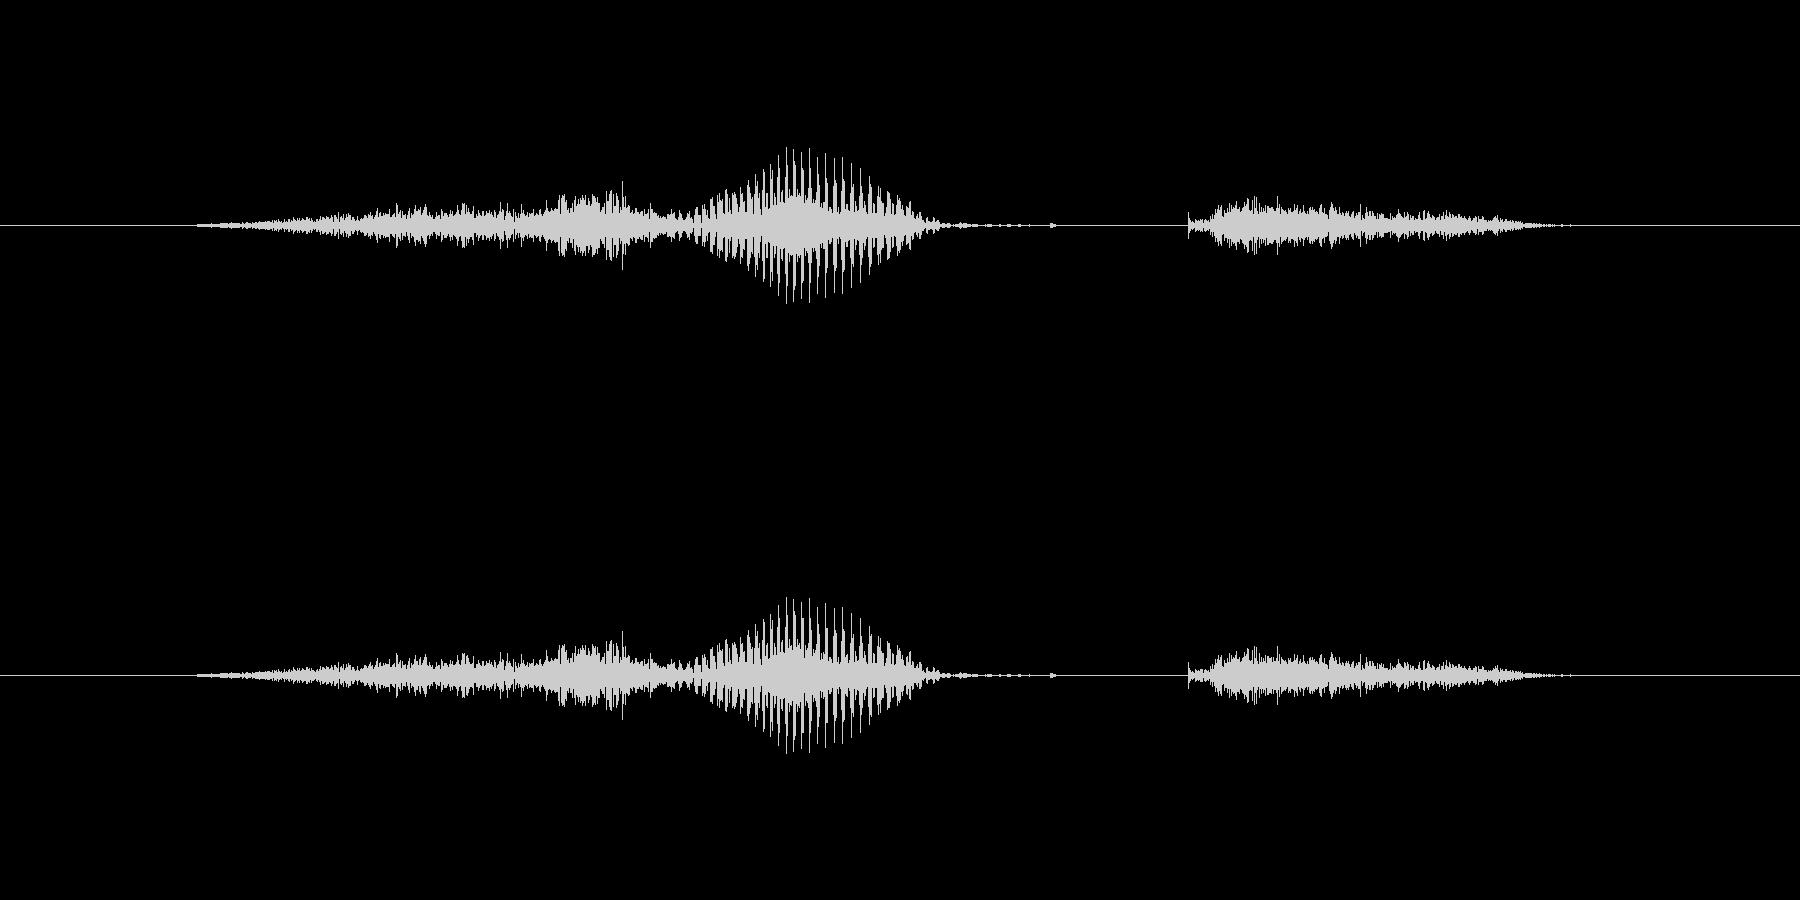 【数字】6(シックス)の未再生の波形